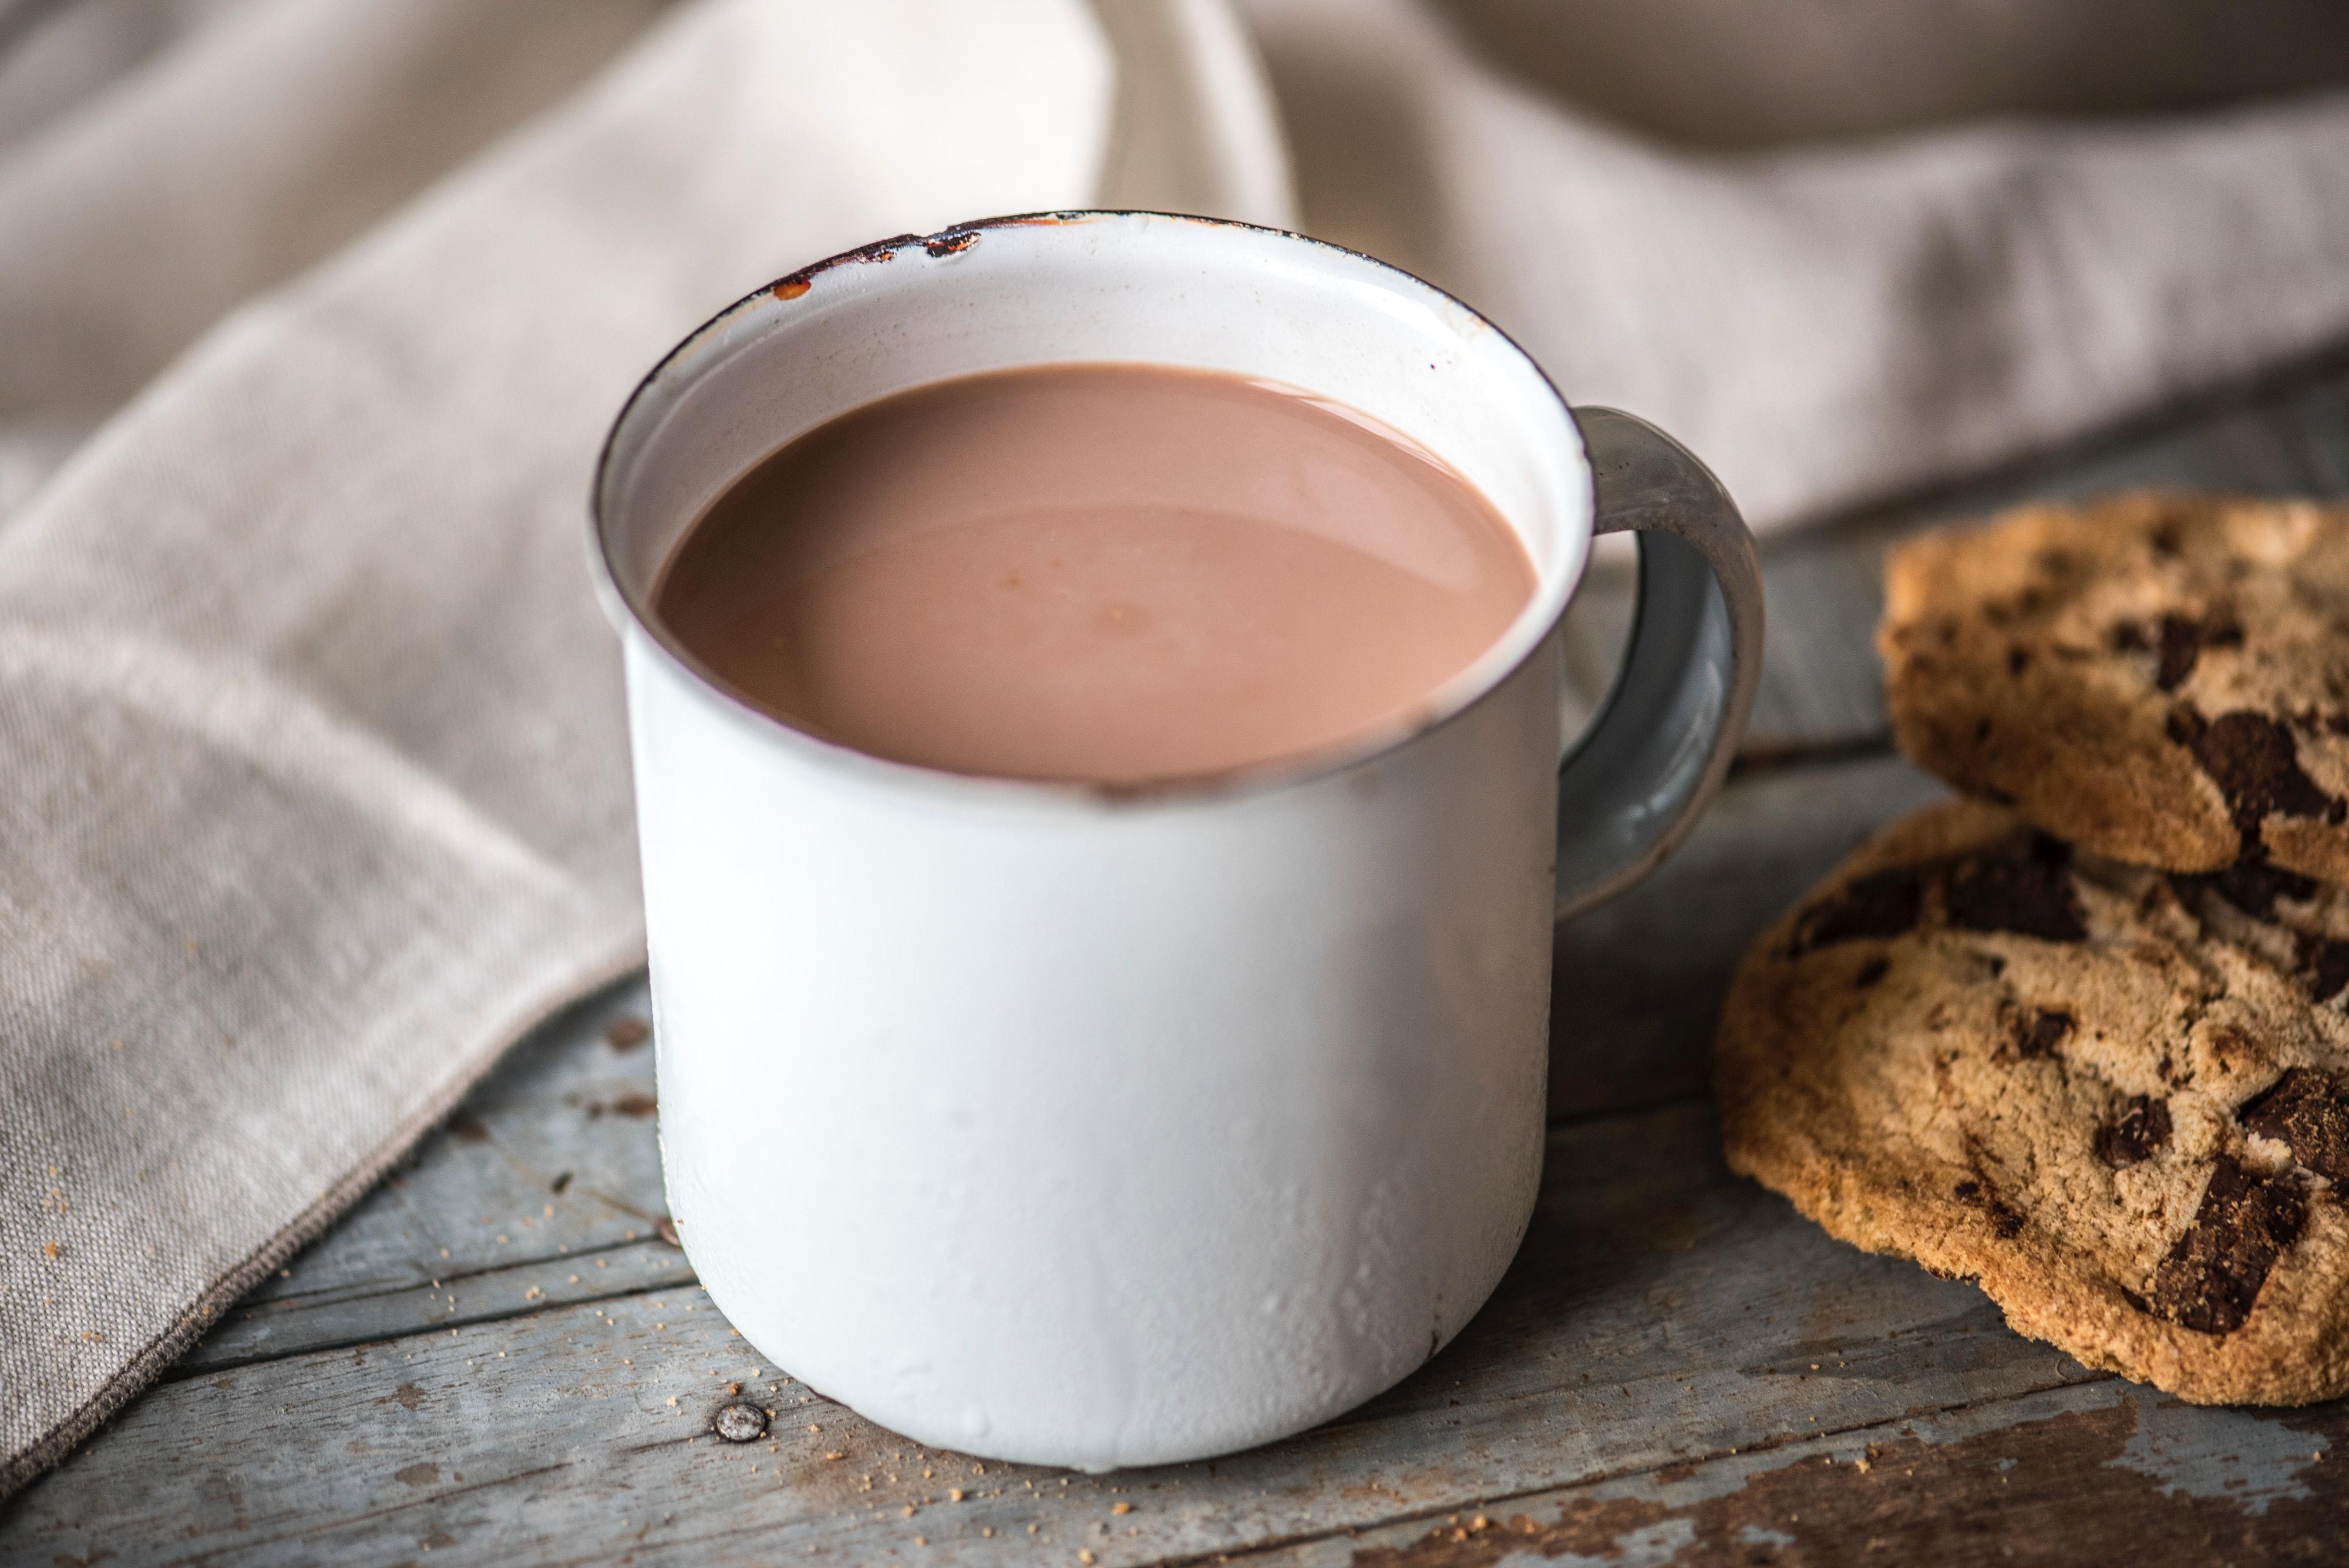 Кофе с молоком картинки красивые, внуку